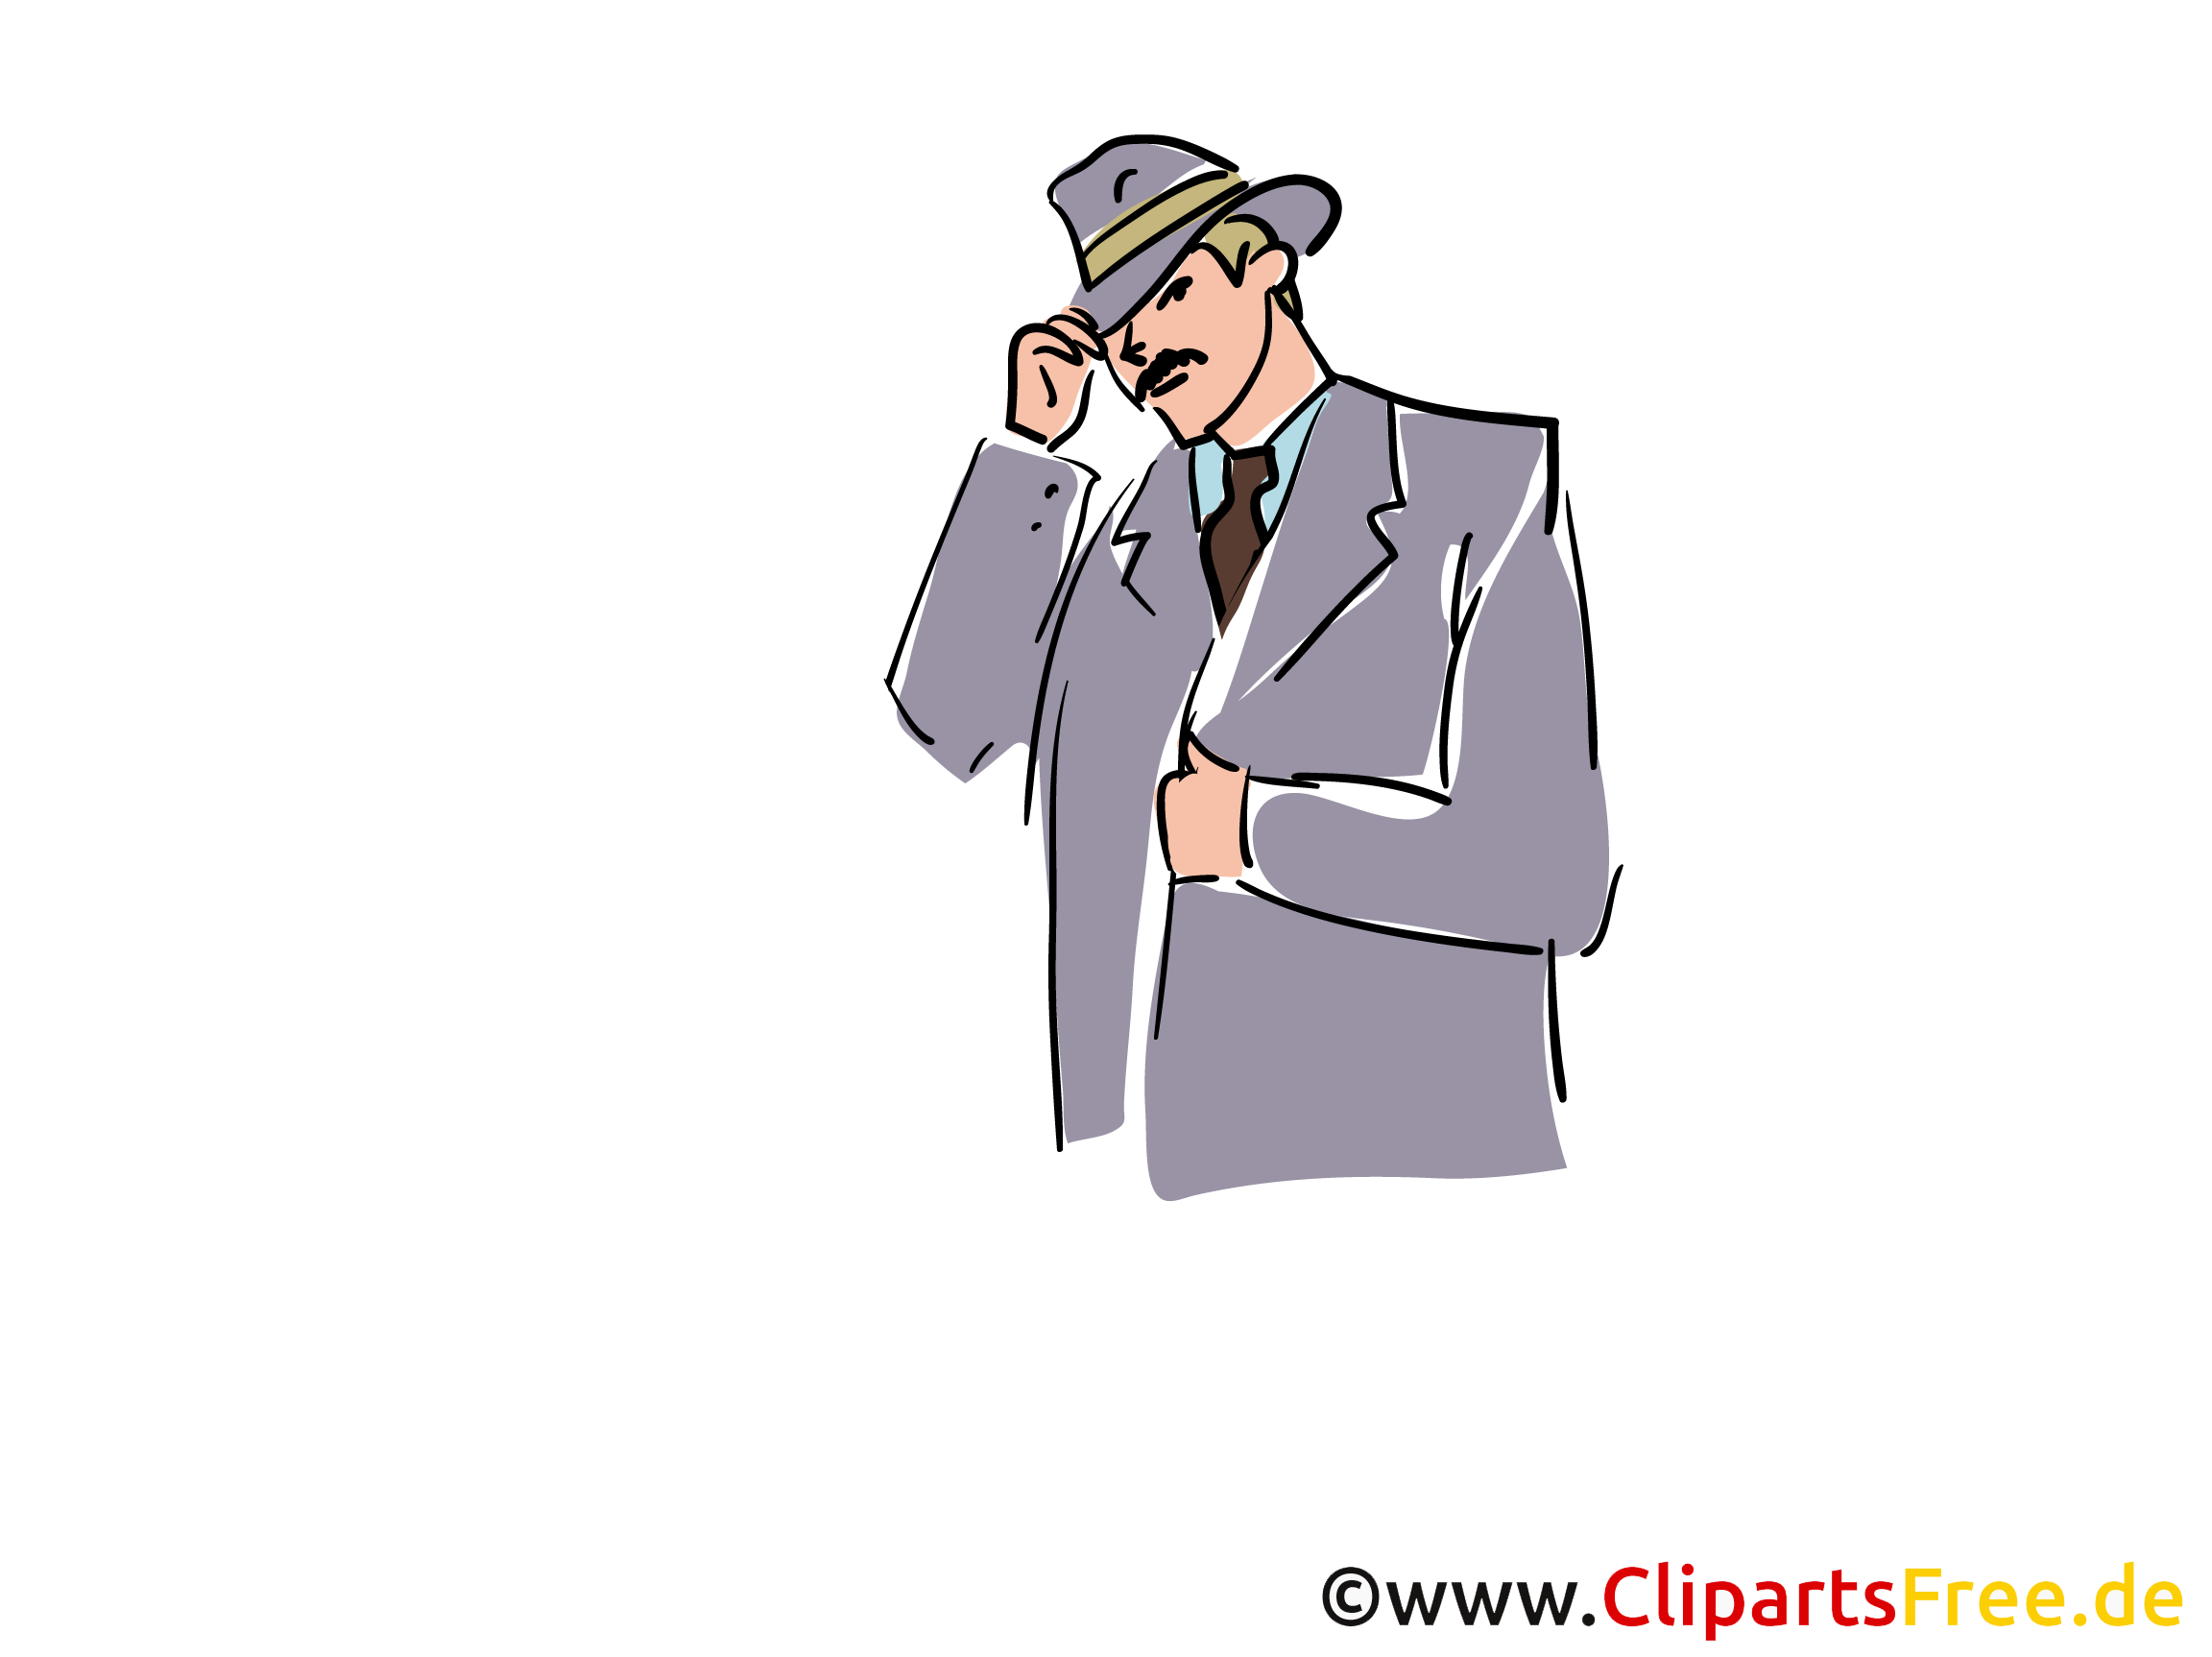 Ermittler Clipart, Stock Illustration, Grafik, Bild